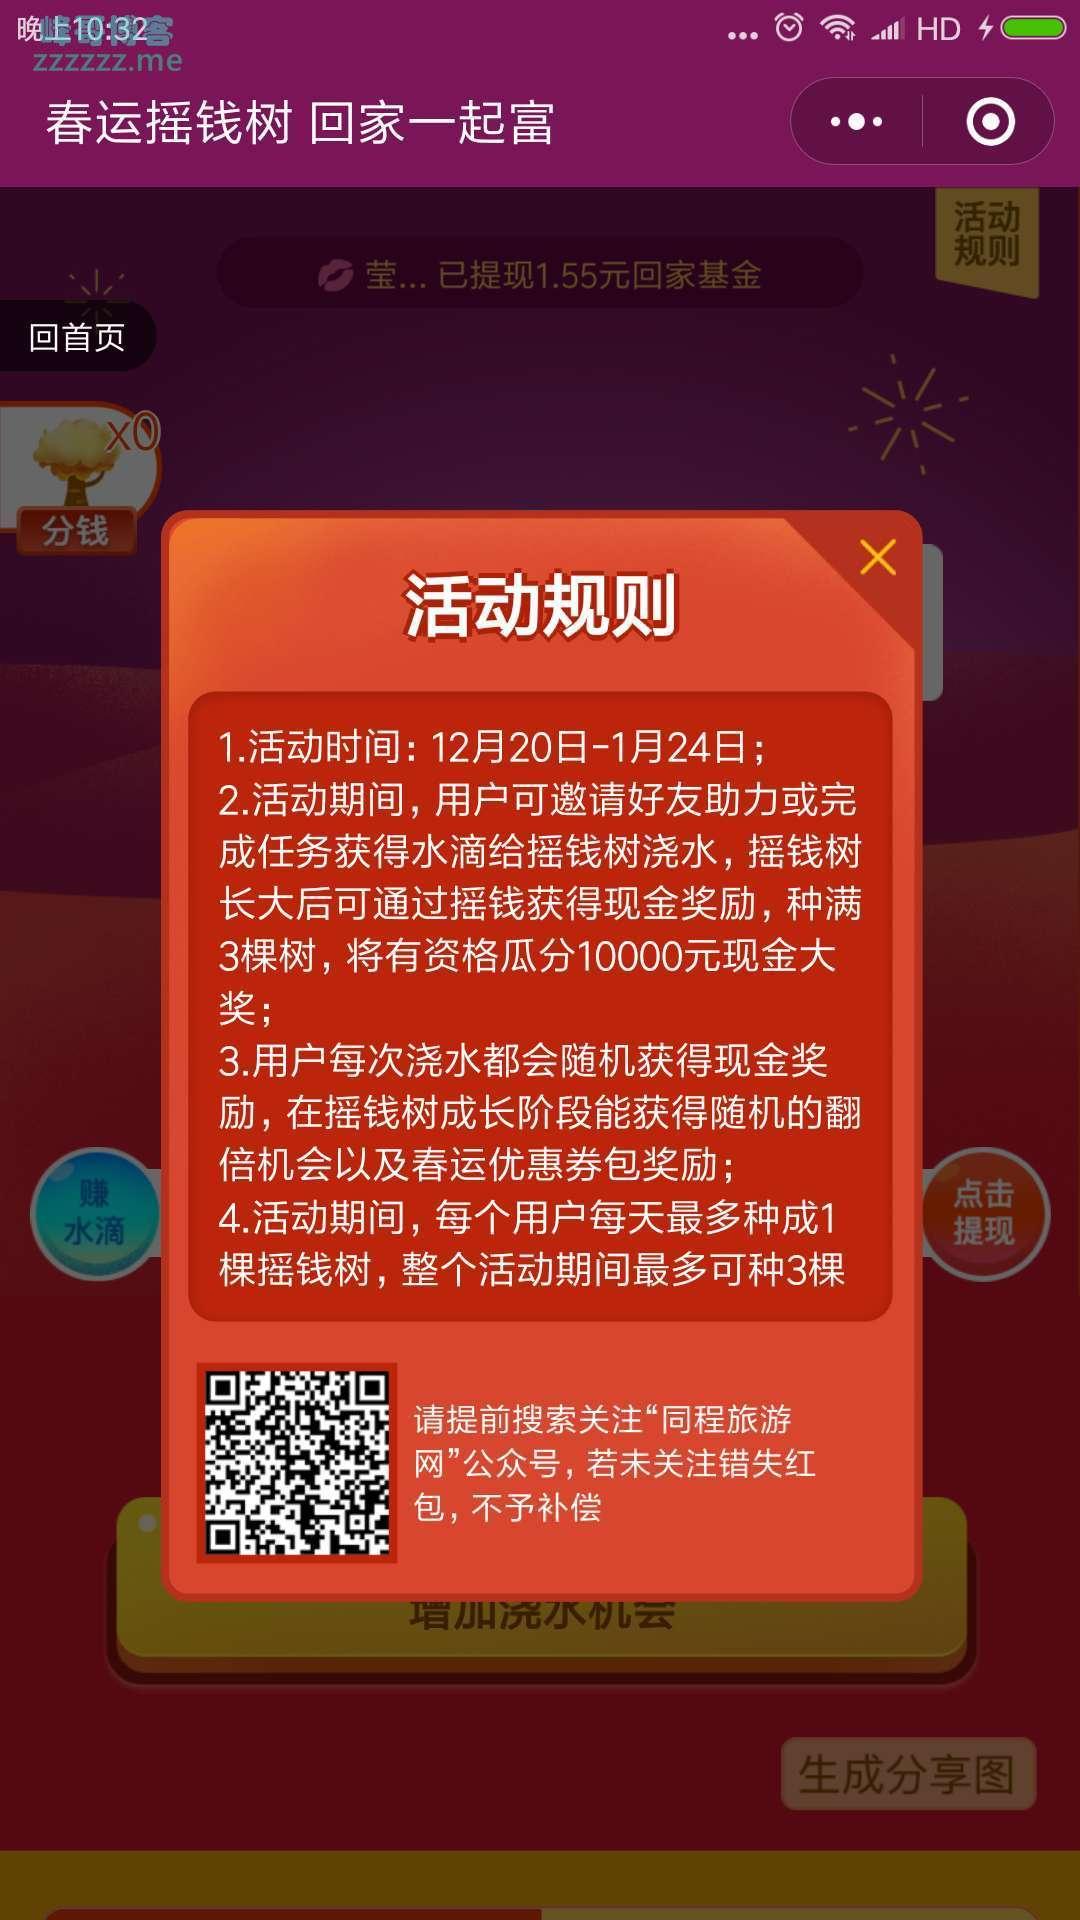 <同程旅游网>春运摇钱树(截止1月24日)